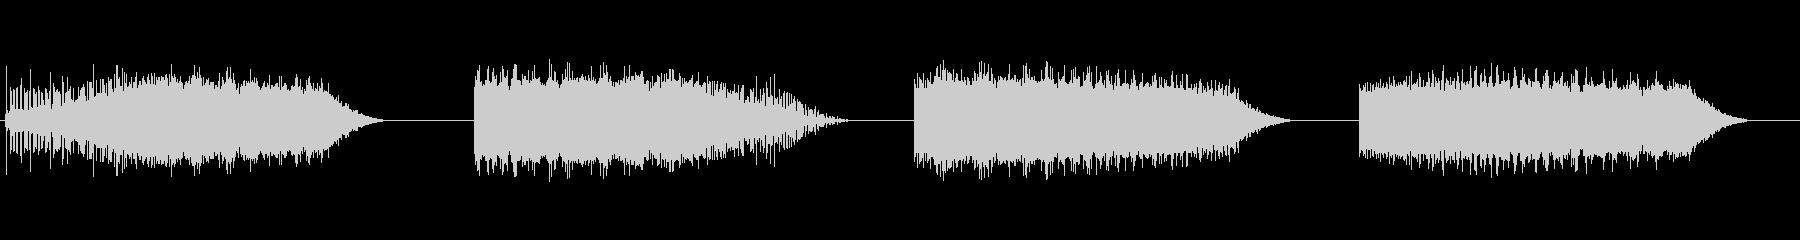 ノイズ、スイープ、アップ、ダウン、...の未再生の波形